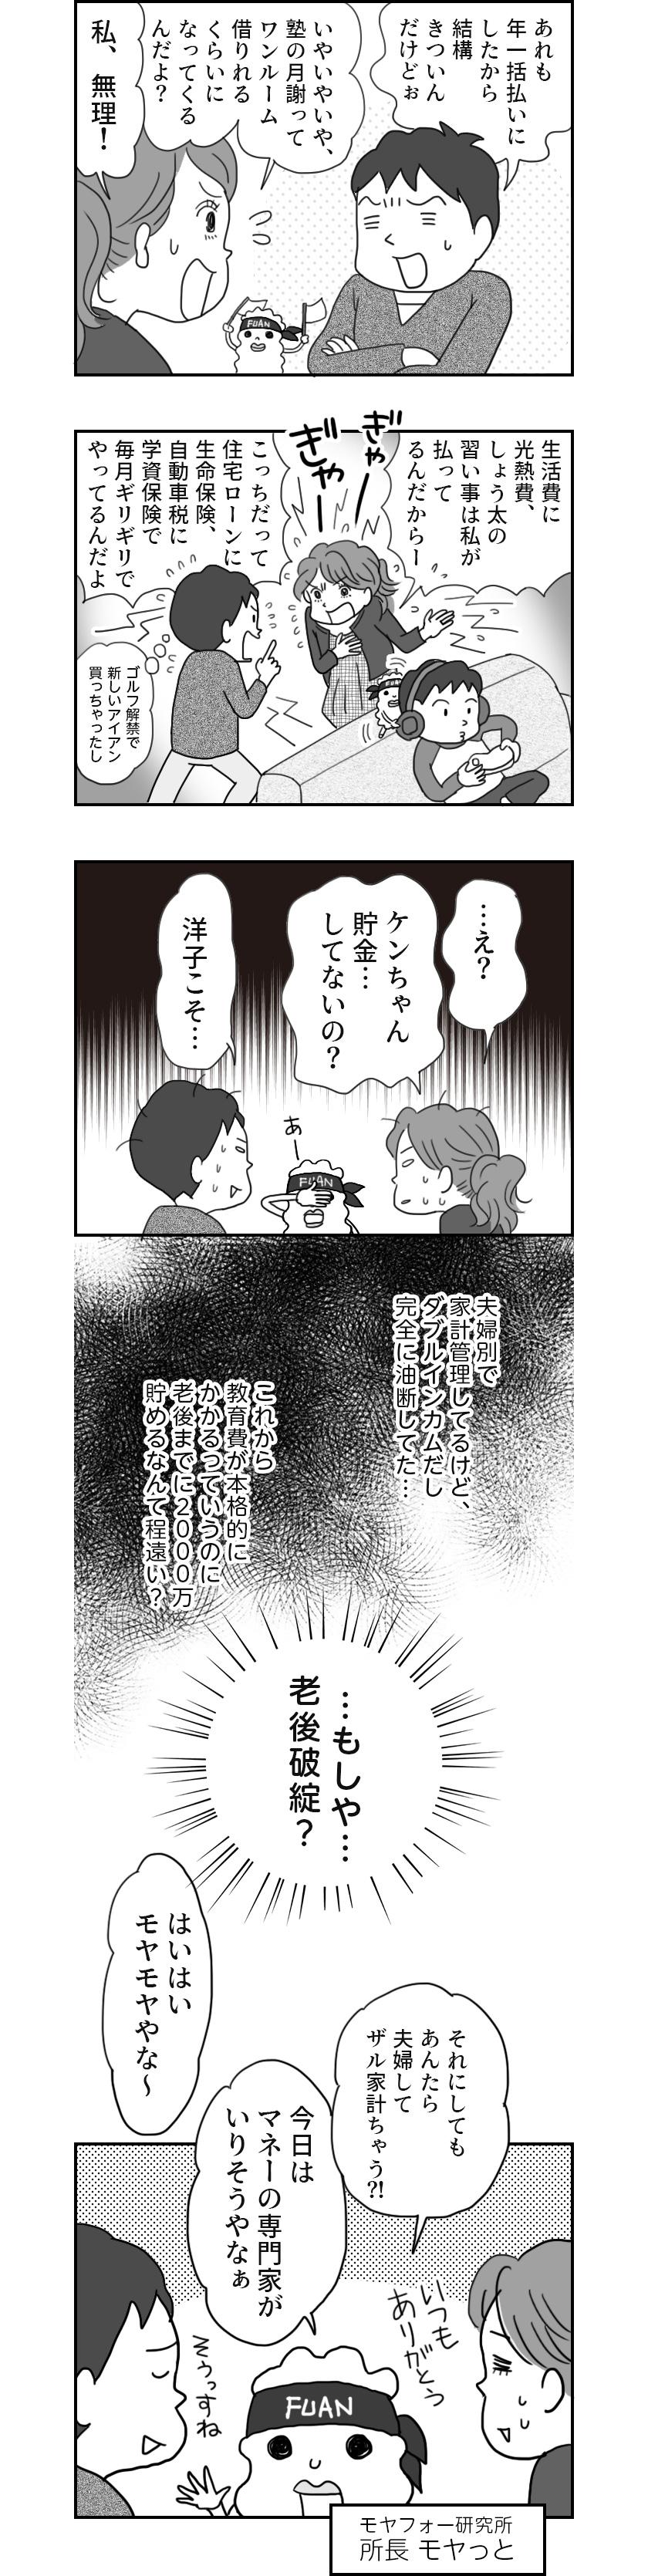 マネーにモヤモヤ(まんが)